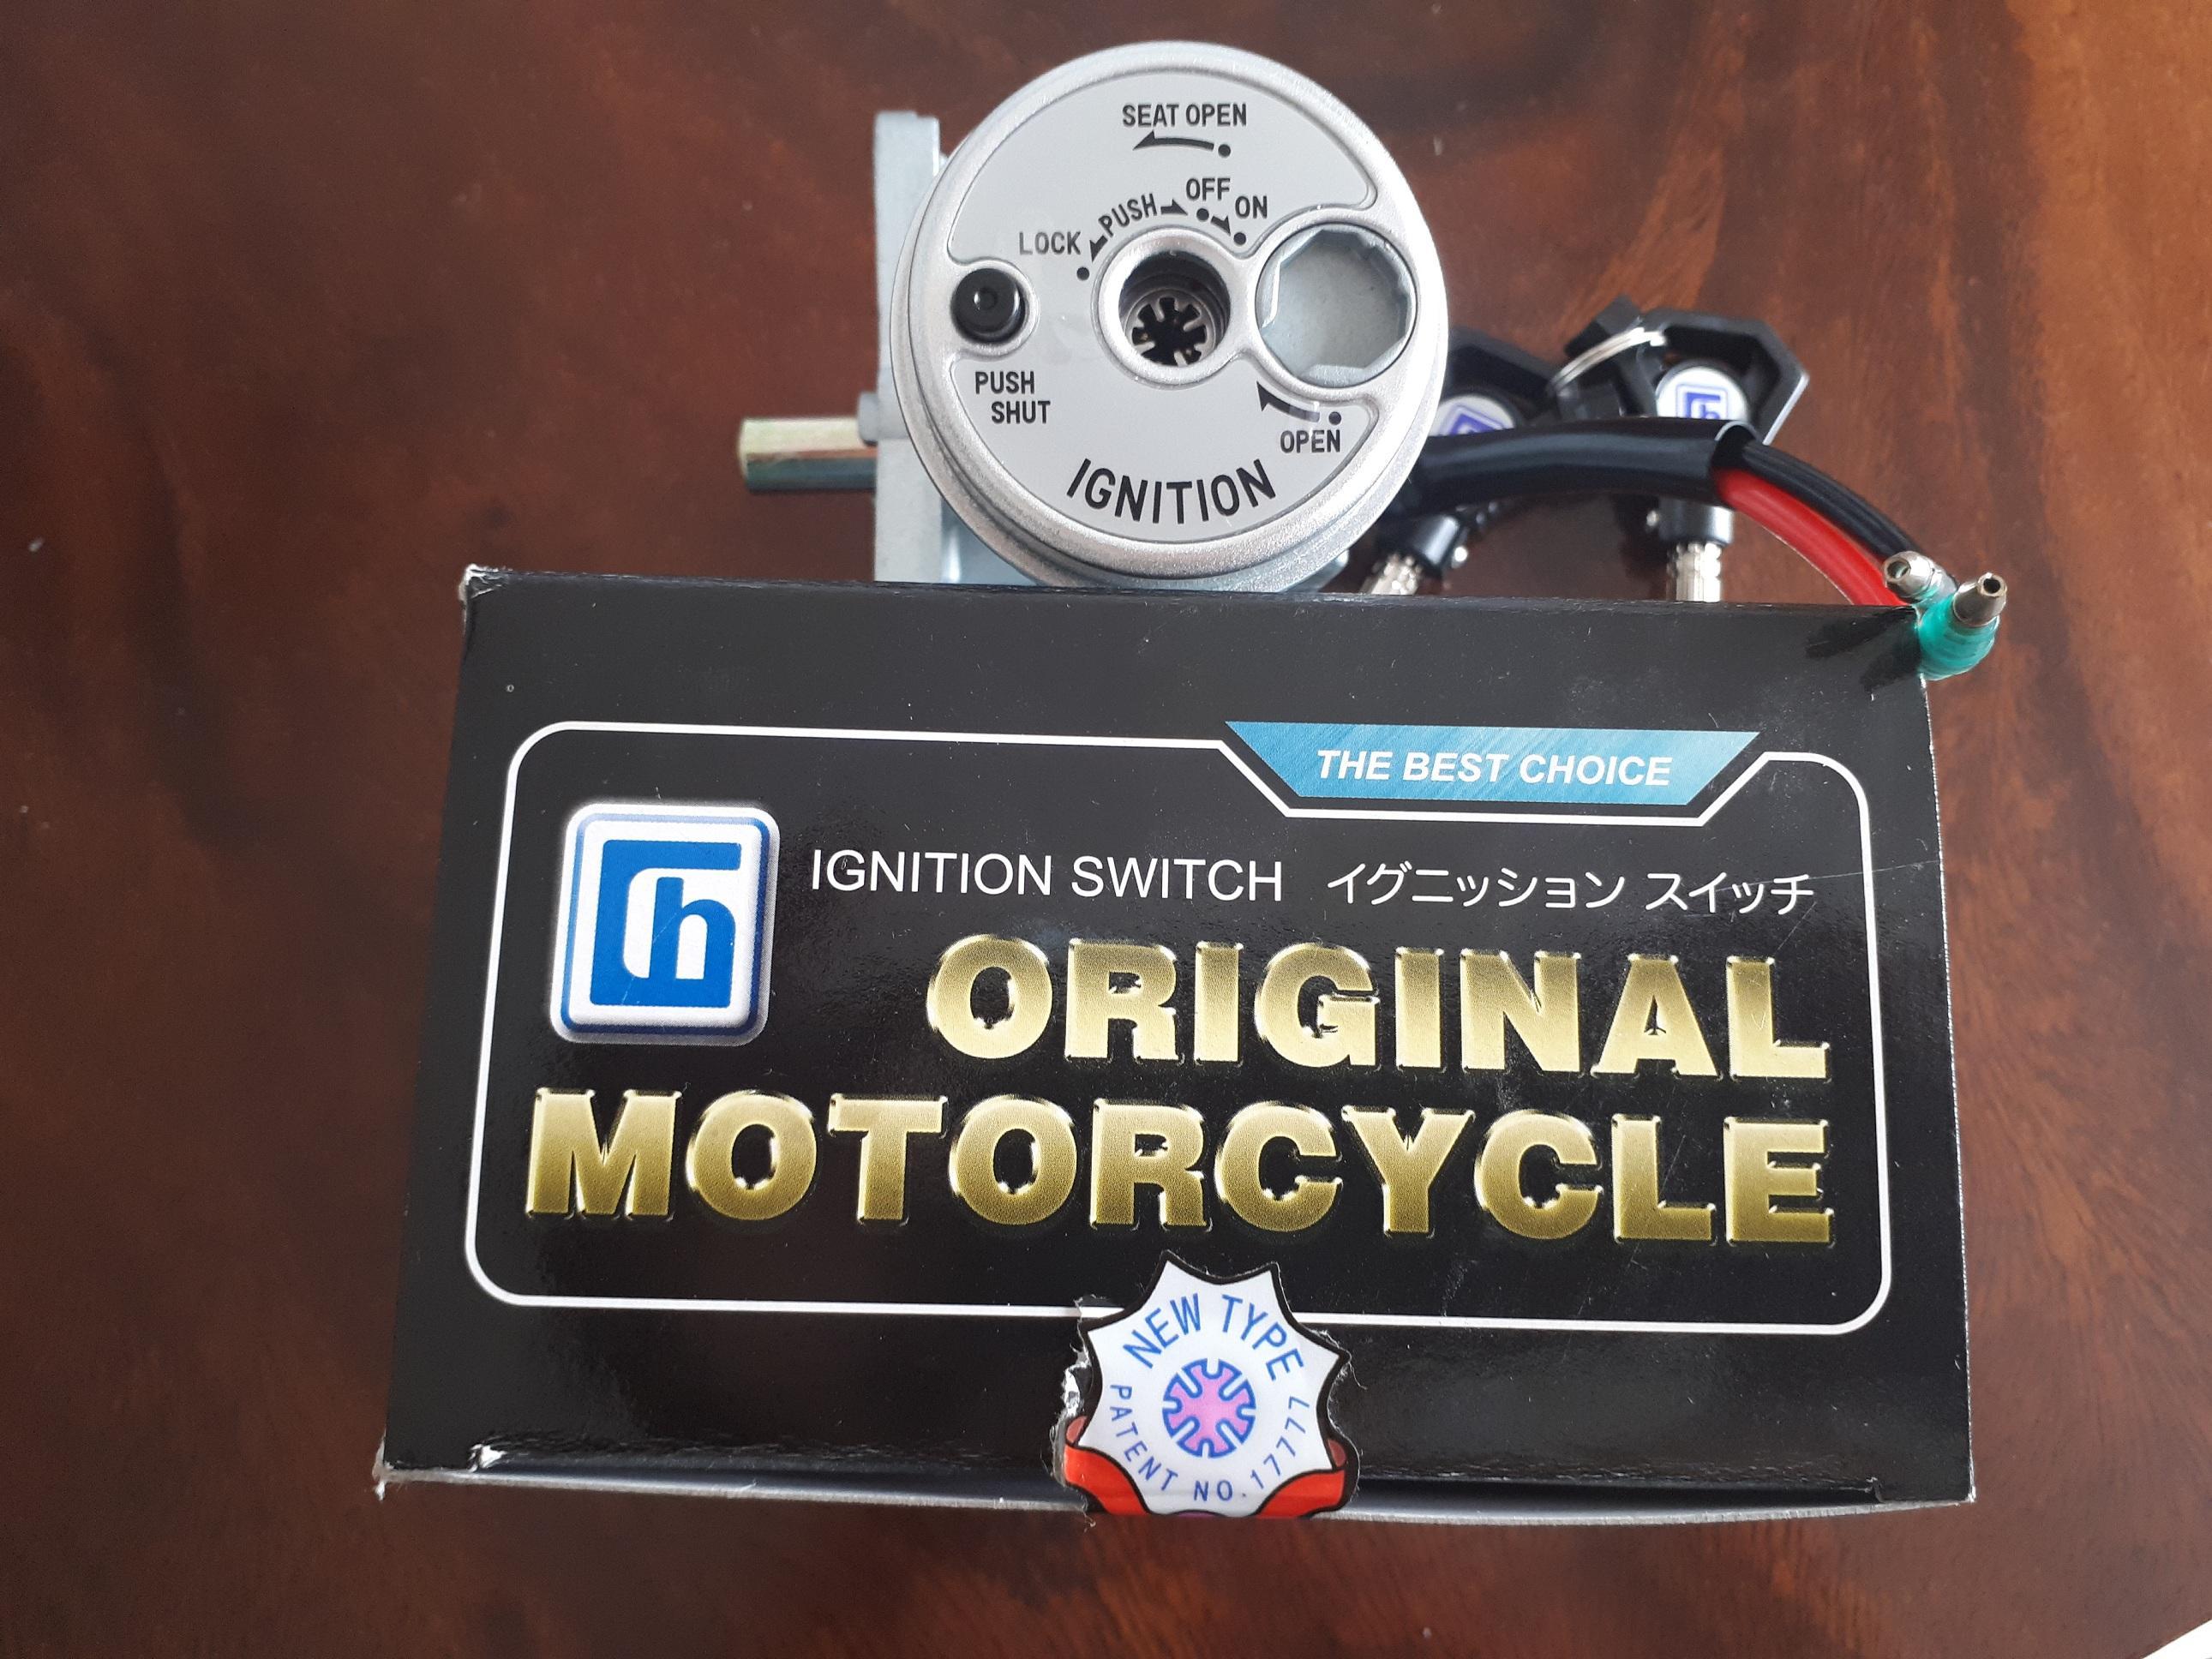 Bộ ổ khóa 8 cạnh xe máy Exciter 150, Nouvo 5, Luvias, Sirius RC FI, chế cho Nouvo 6 loại không có remote chính hãng Chiau Hung